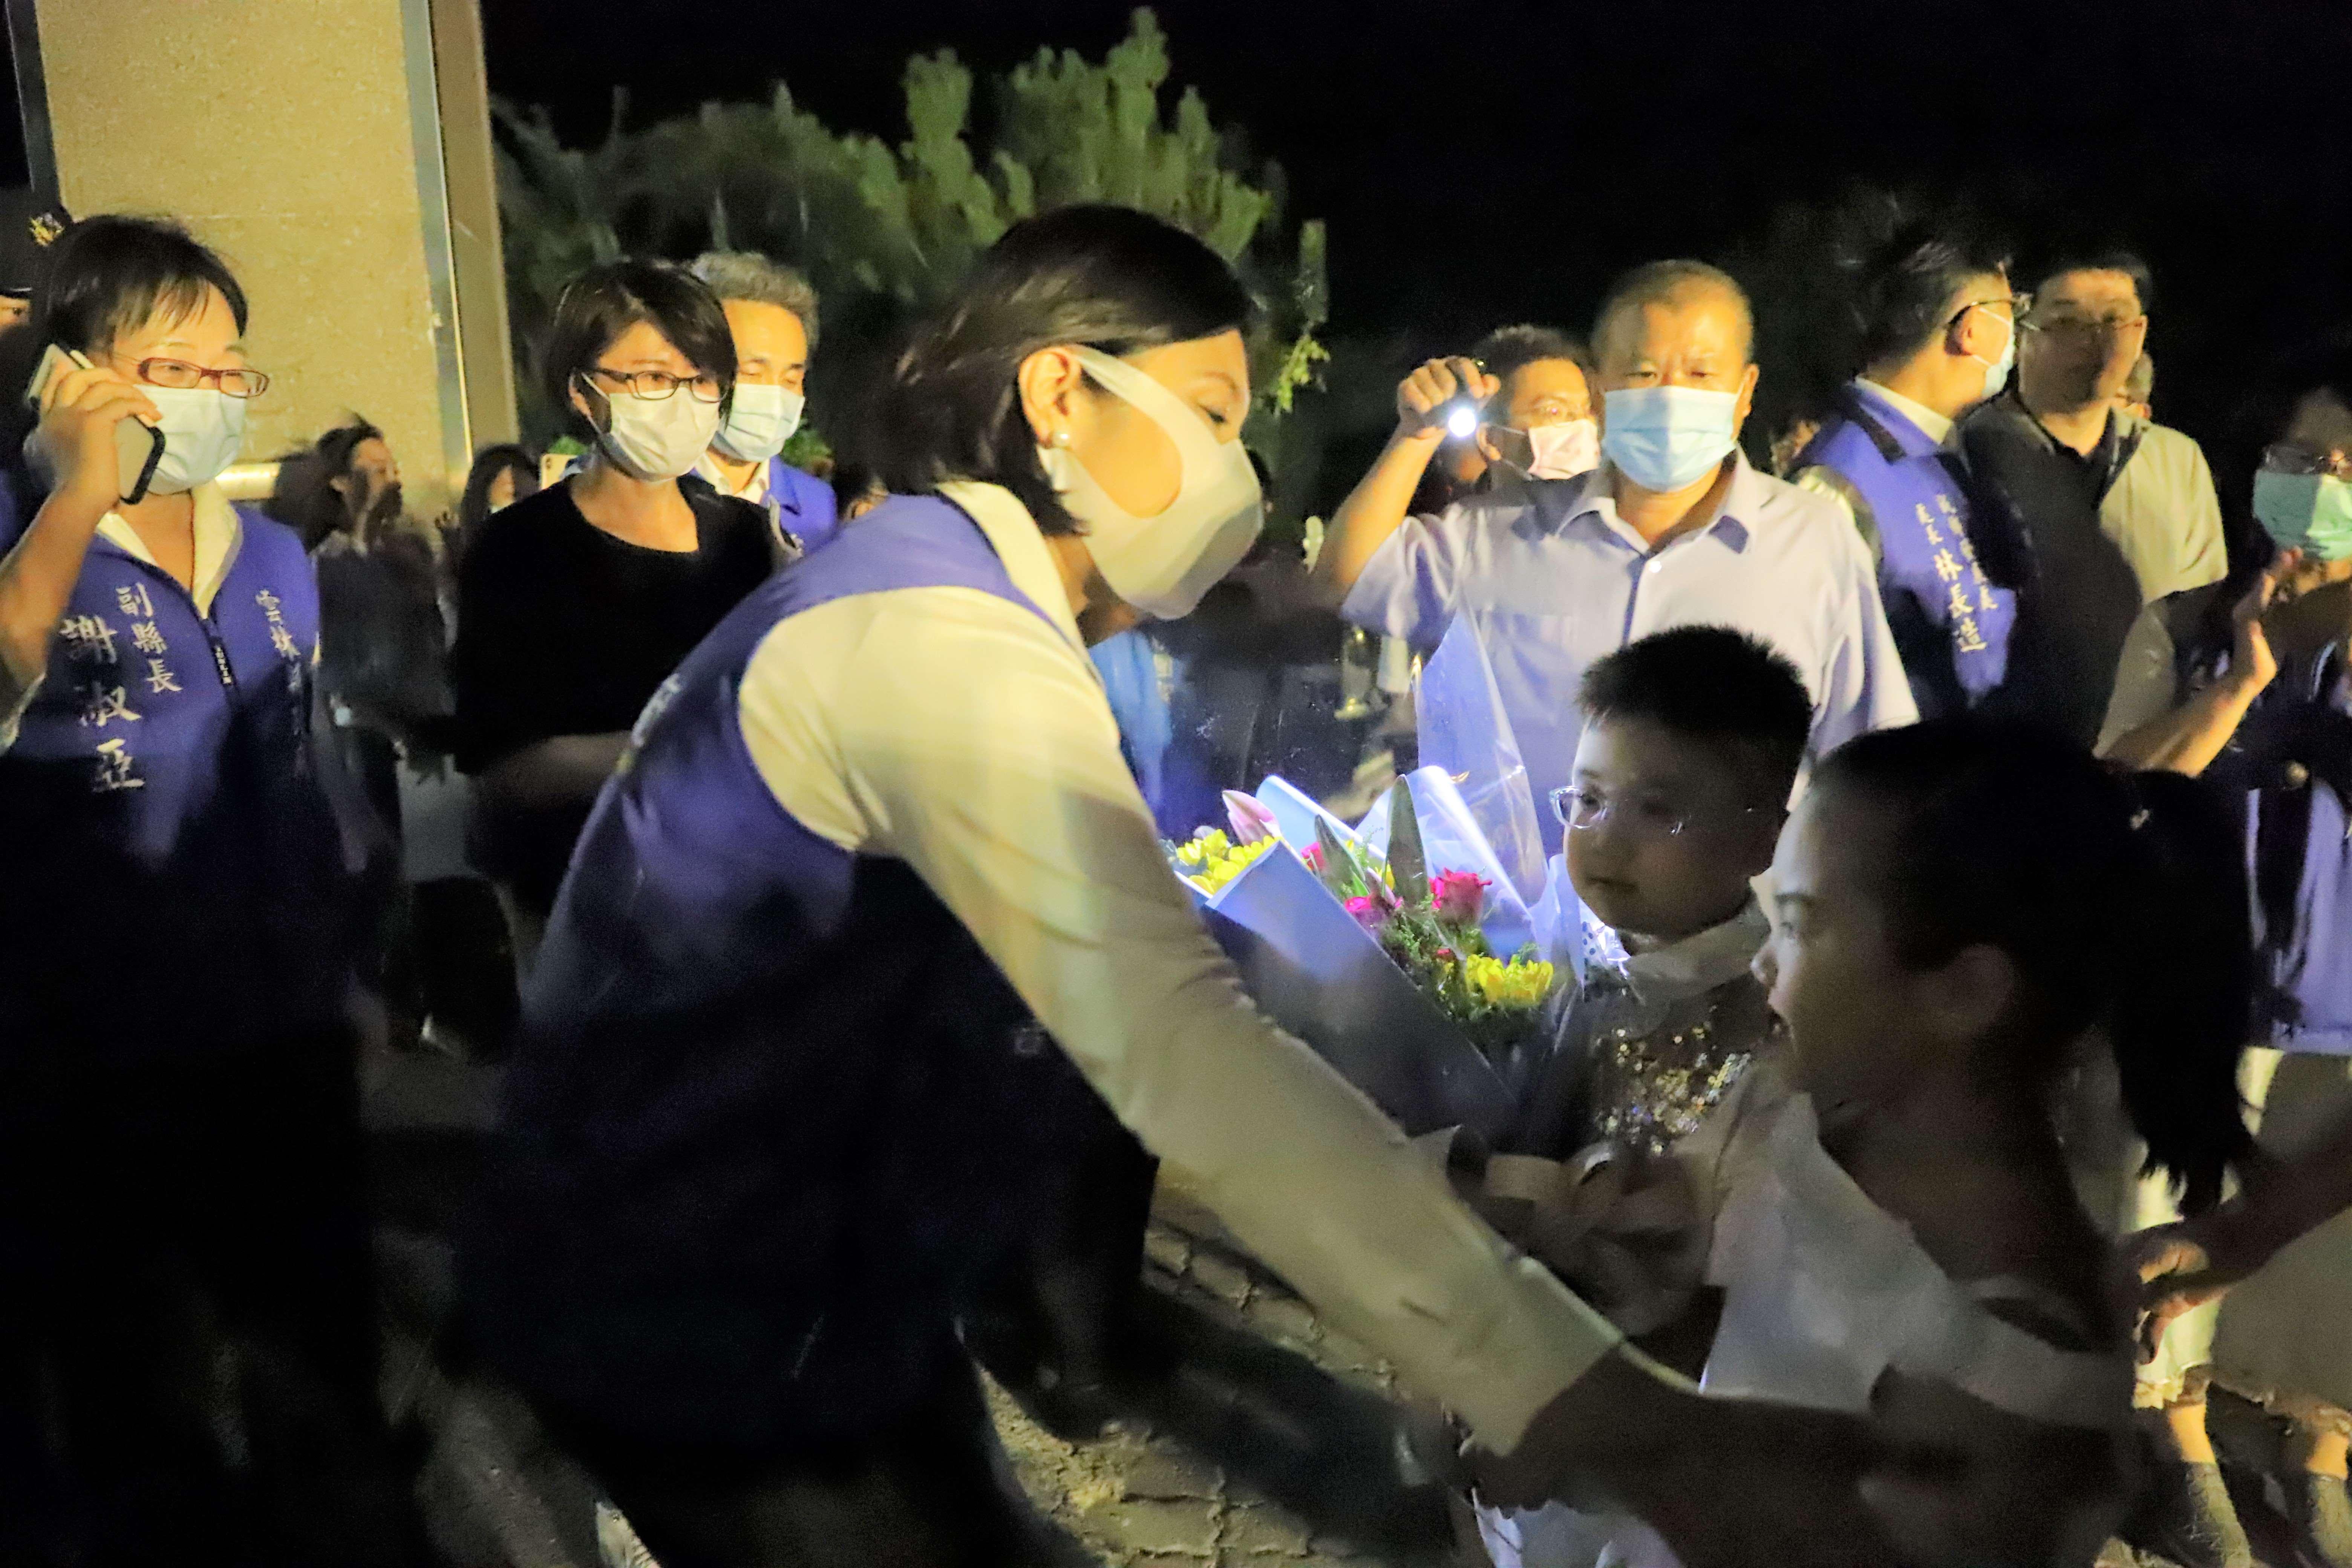 馬光國小學童獻花,歡迎縣長學姊回母校。